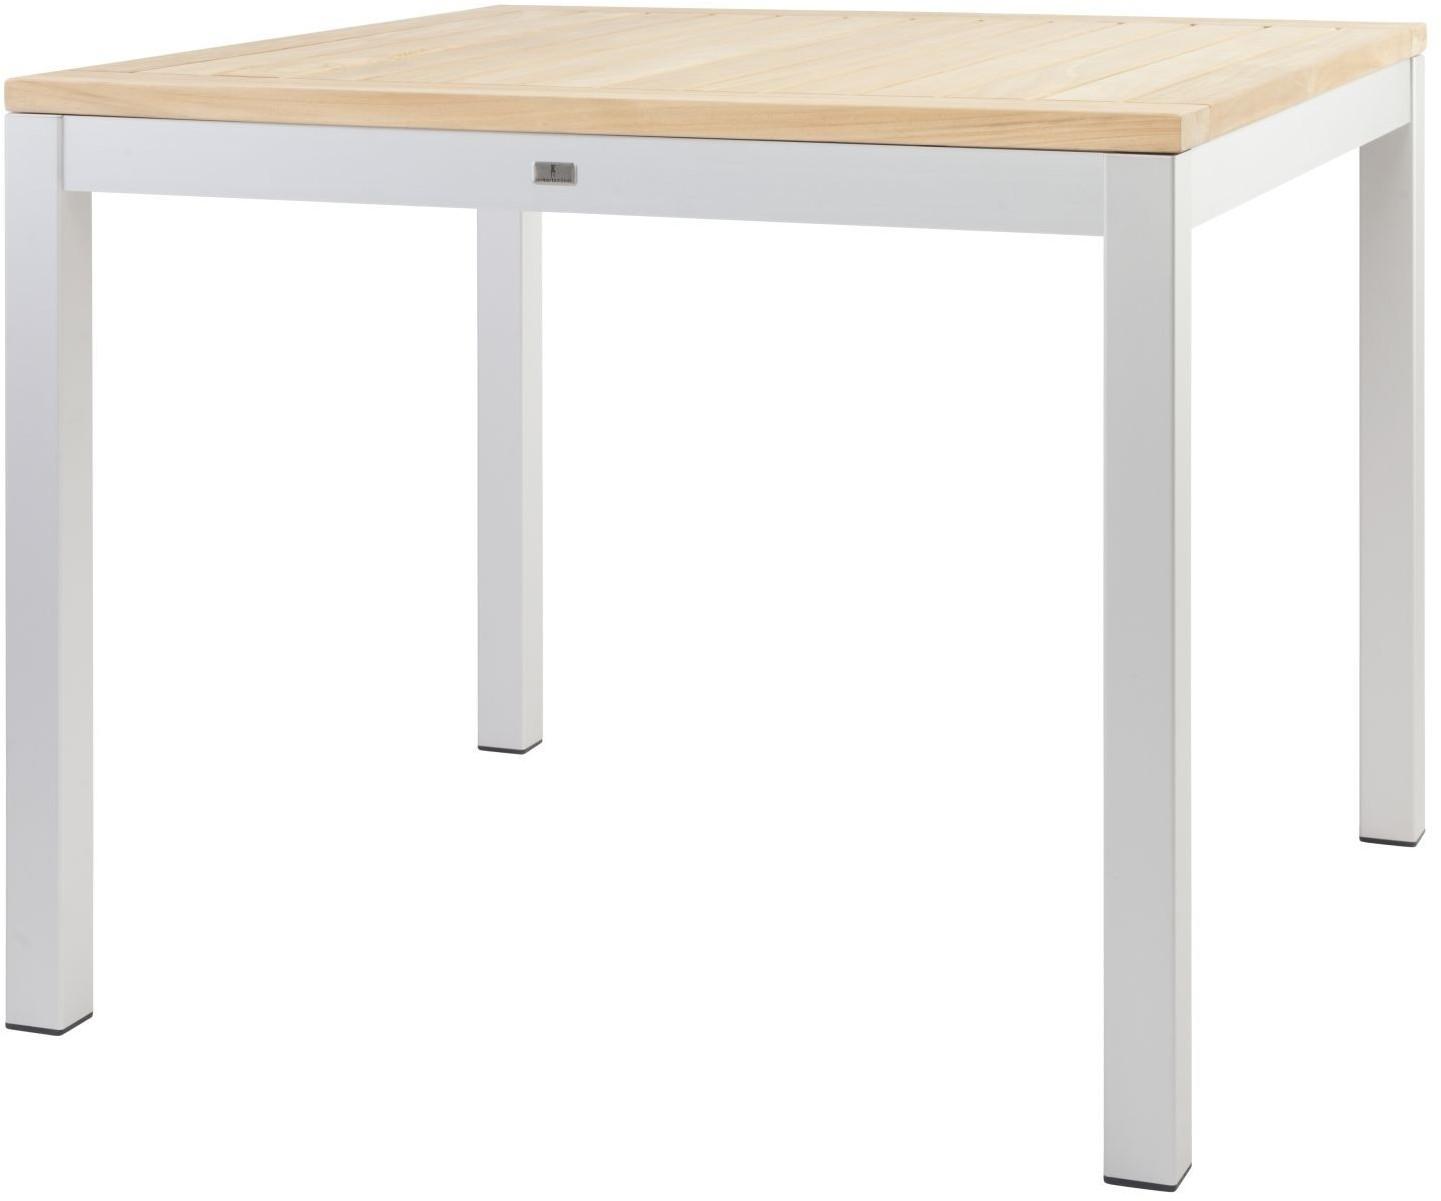 Jan Kurtz Quadrat Tisch 90 x 90 cm (Teak)